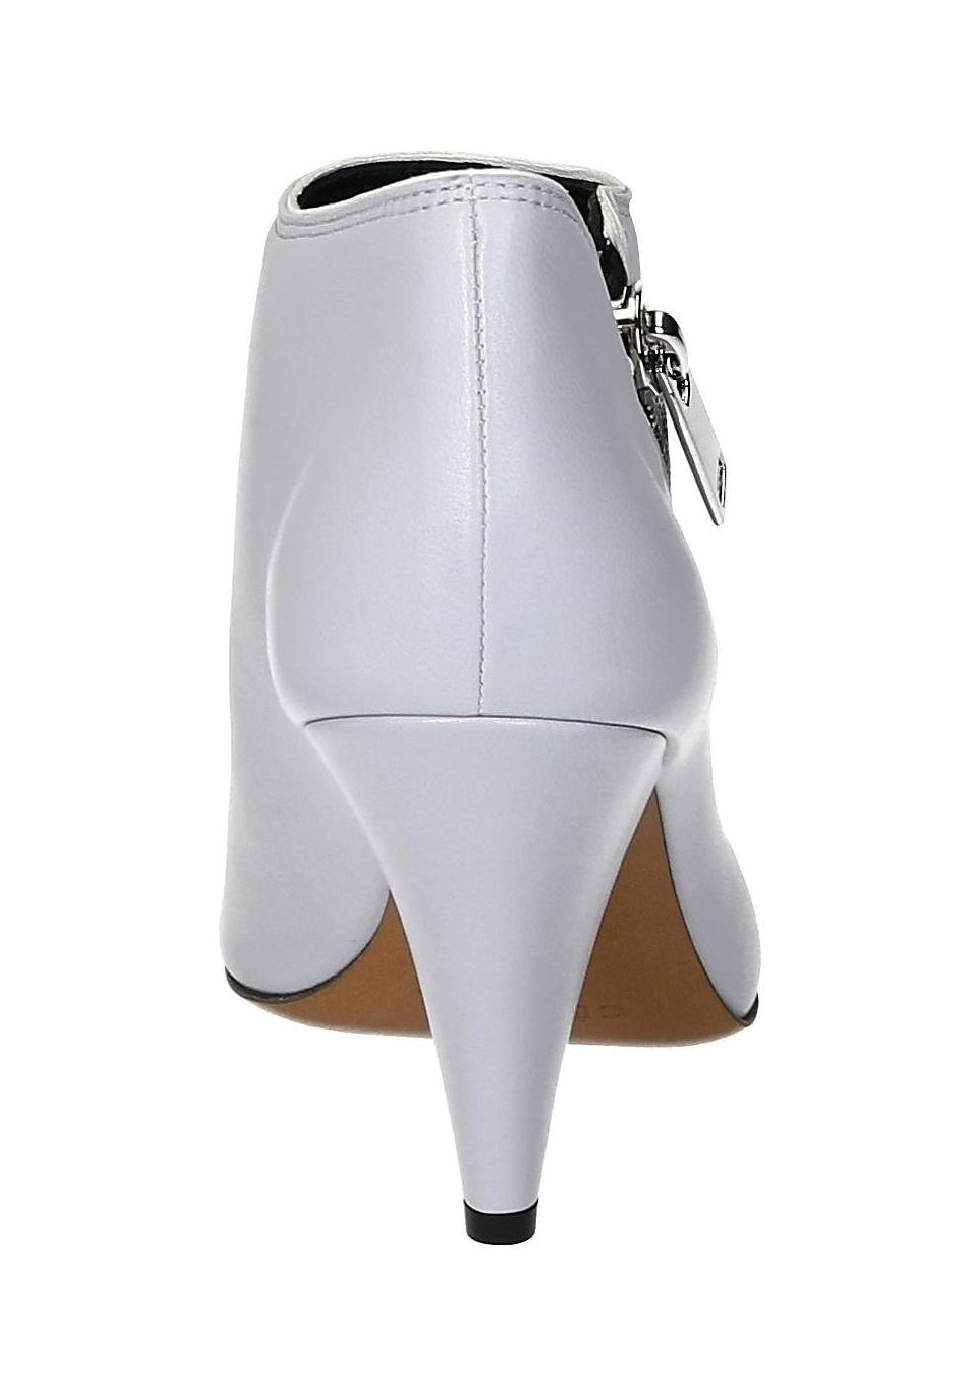 3bfe8ec5e Botines Céline curados en cuero suave gris claro - Italian Boutique